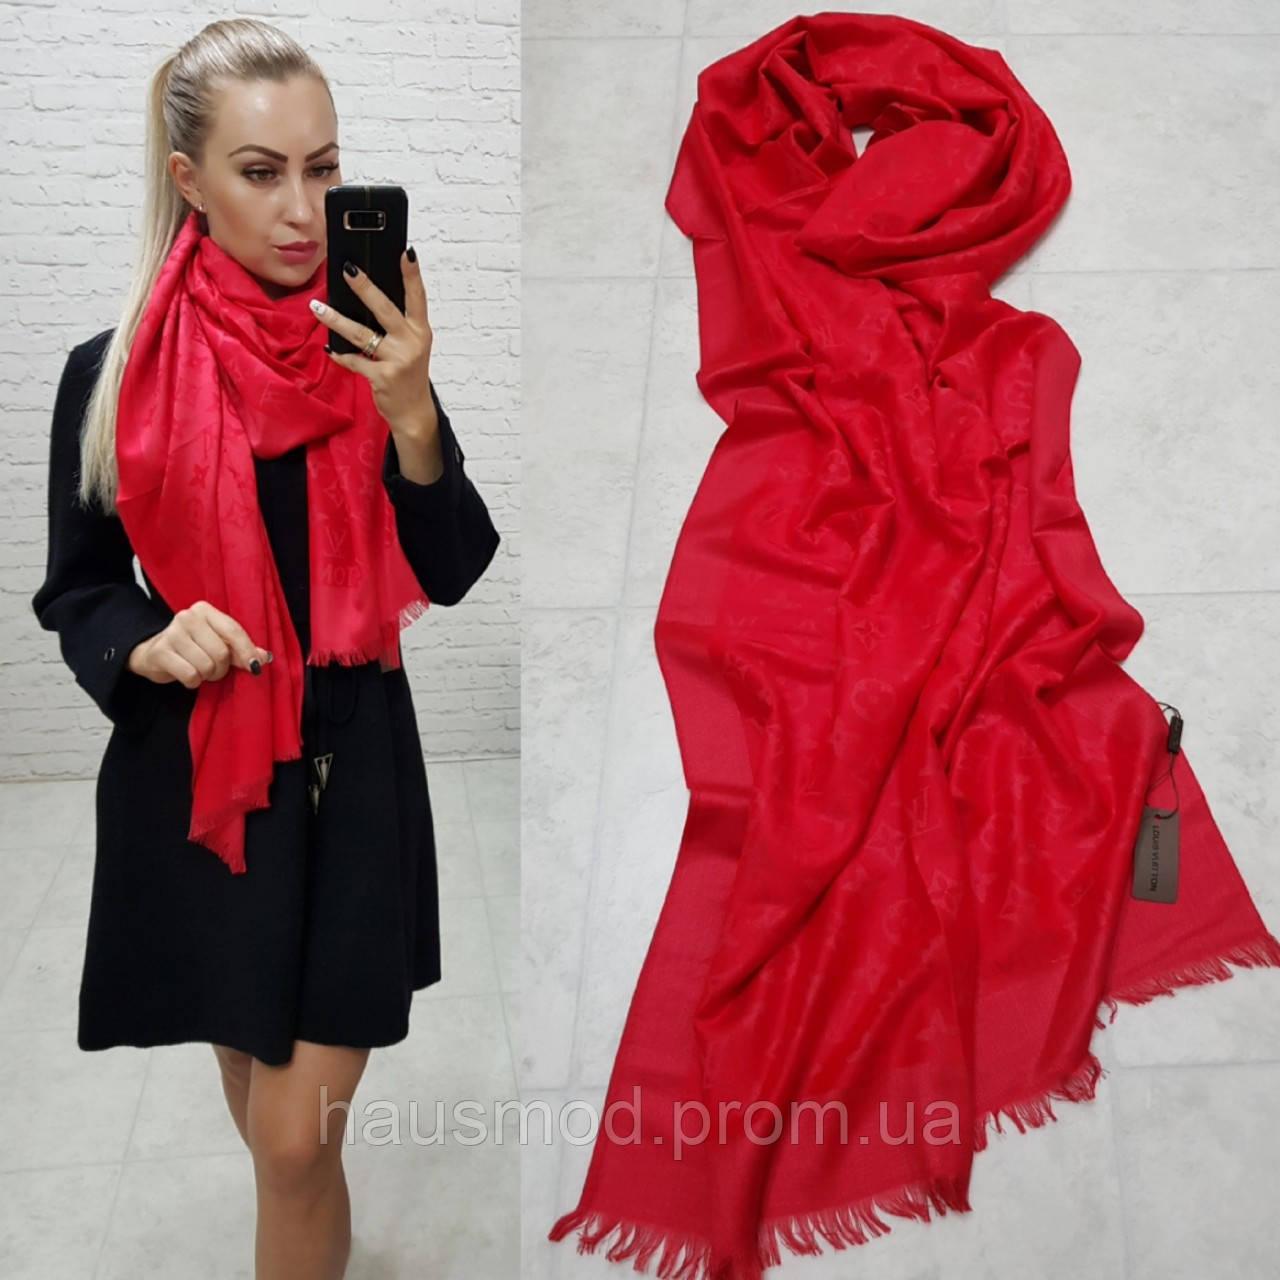 Женский палантин шарф брендовый репликаLouis Vuitton65% шелк 35% кашемир размер 190×0.70 см цвет красный